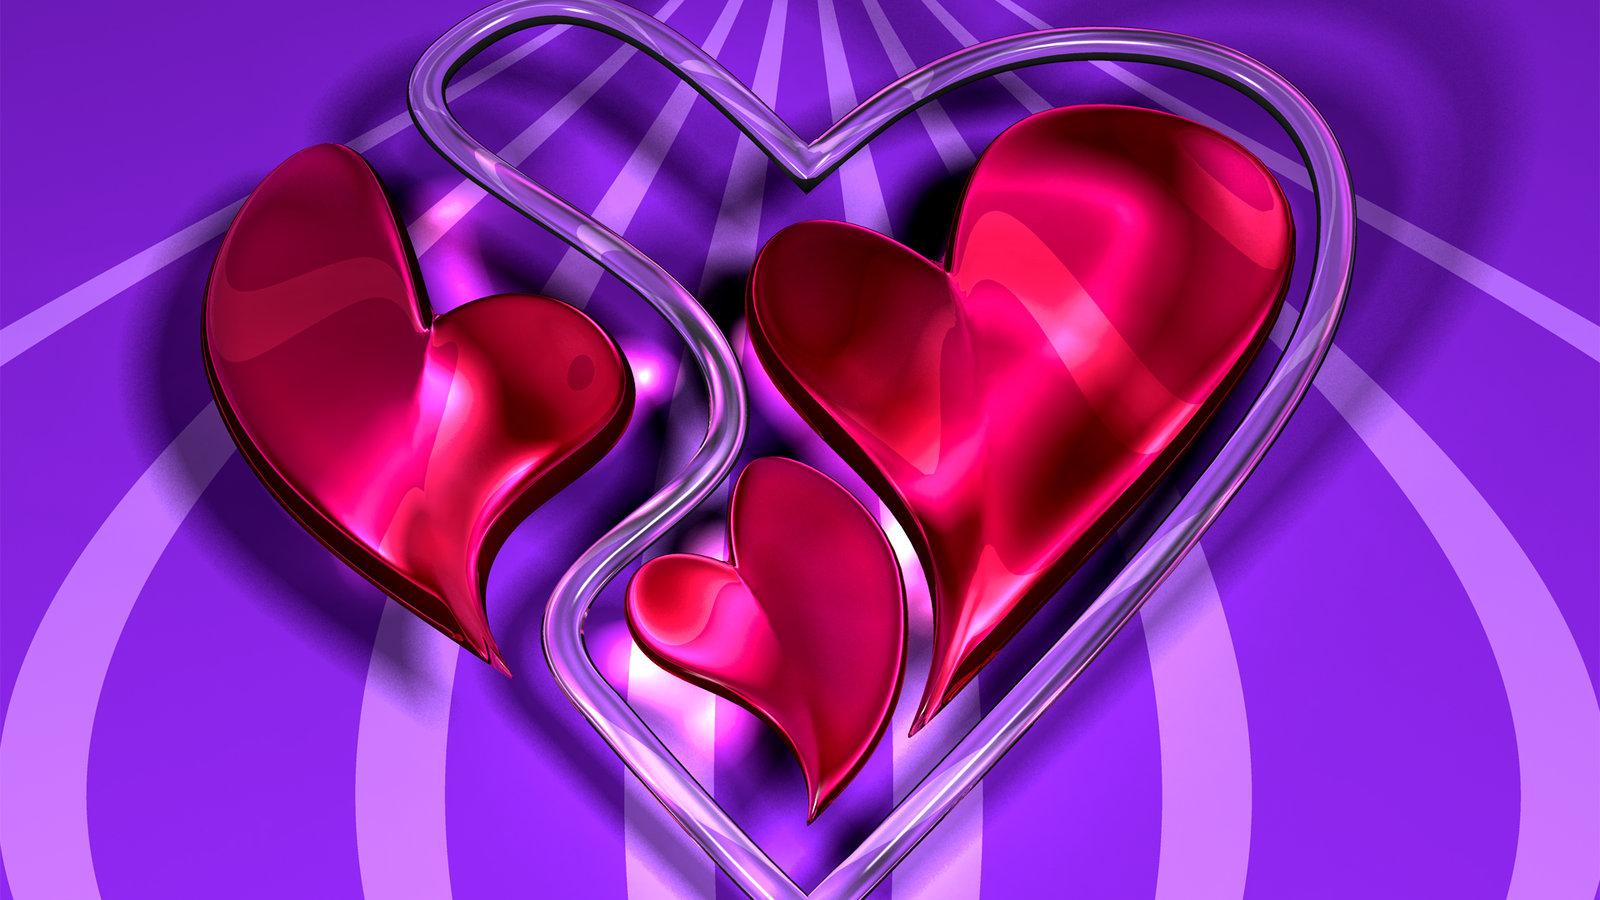 Love Hearts Images 34 Free Hd Wallpaper Hdlovewall Com